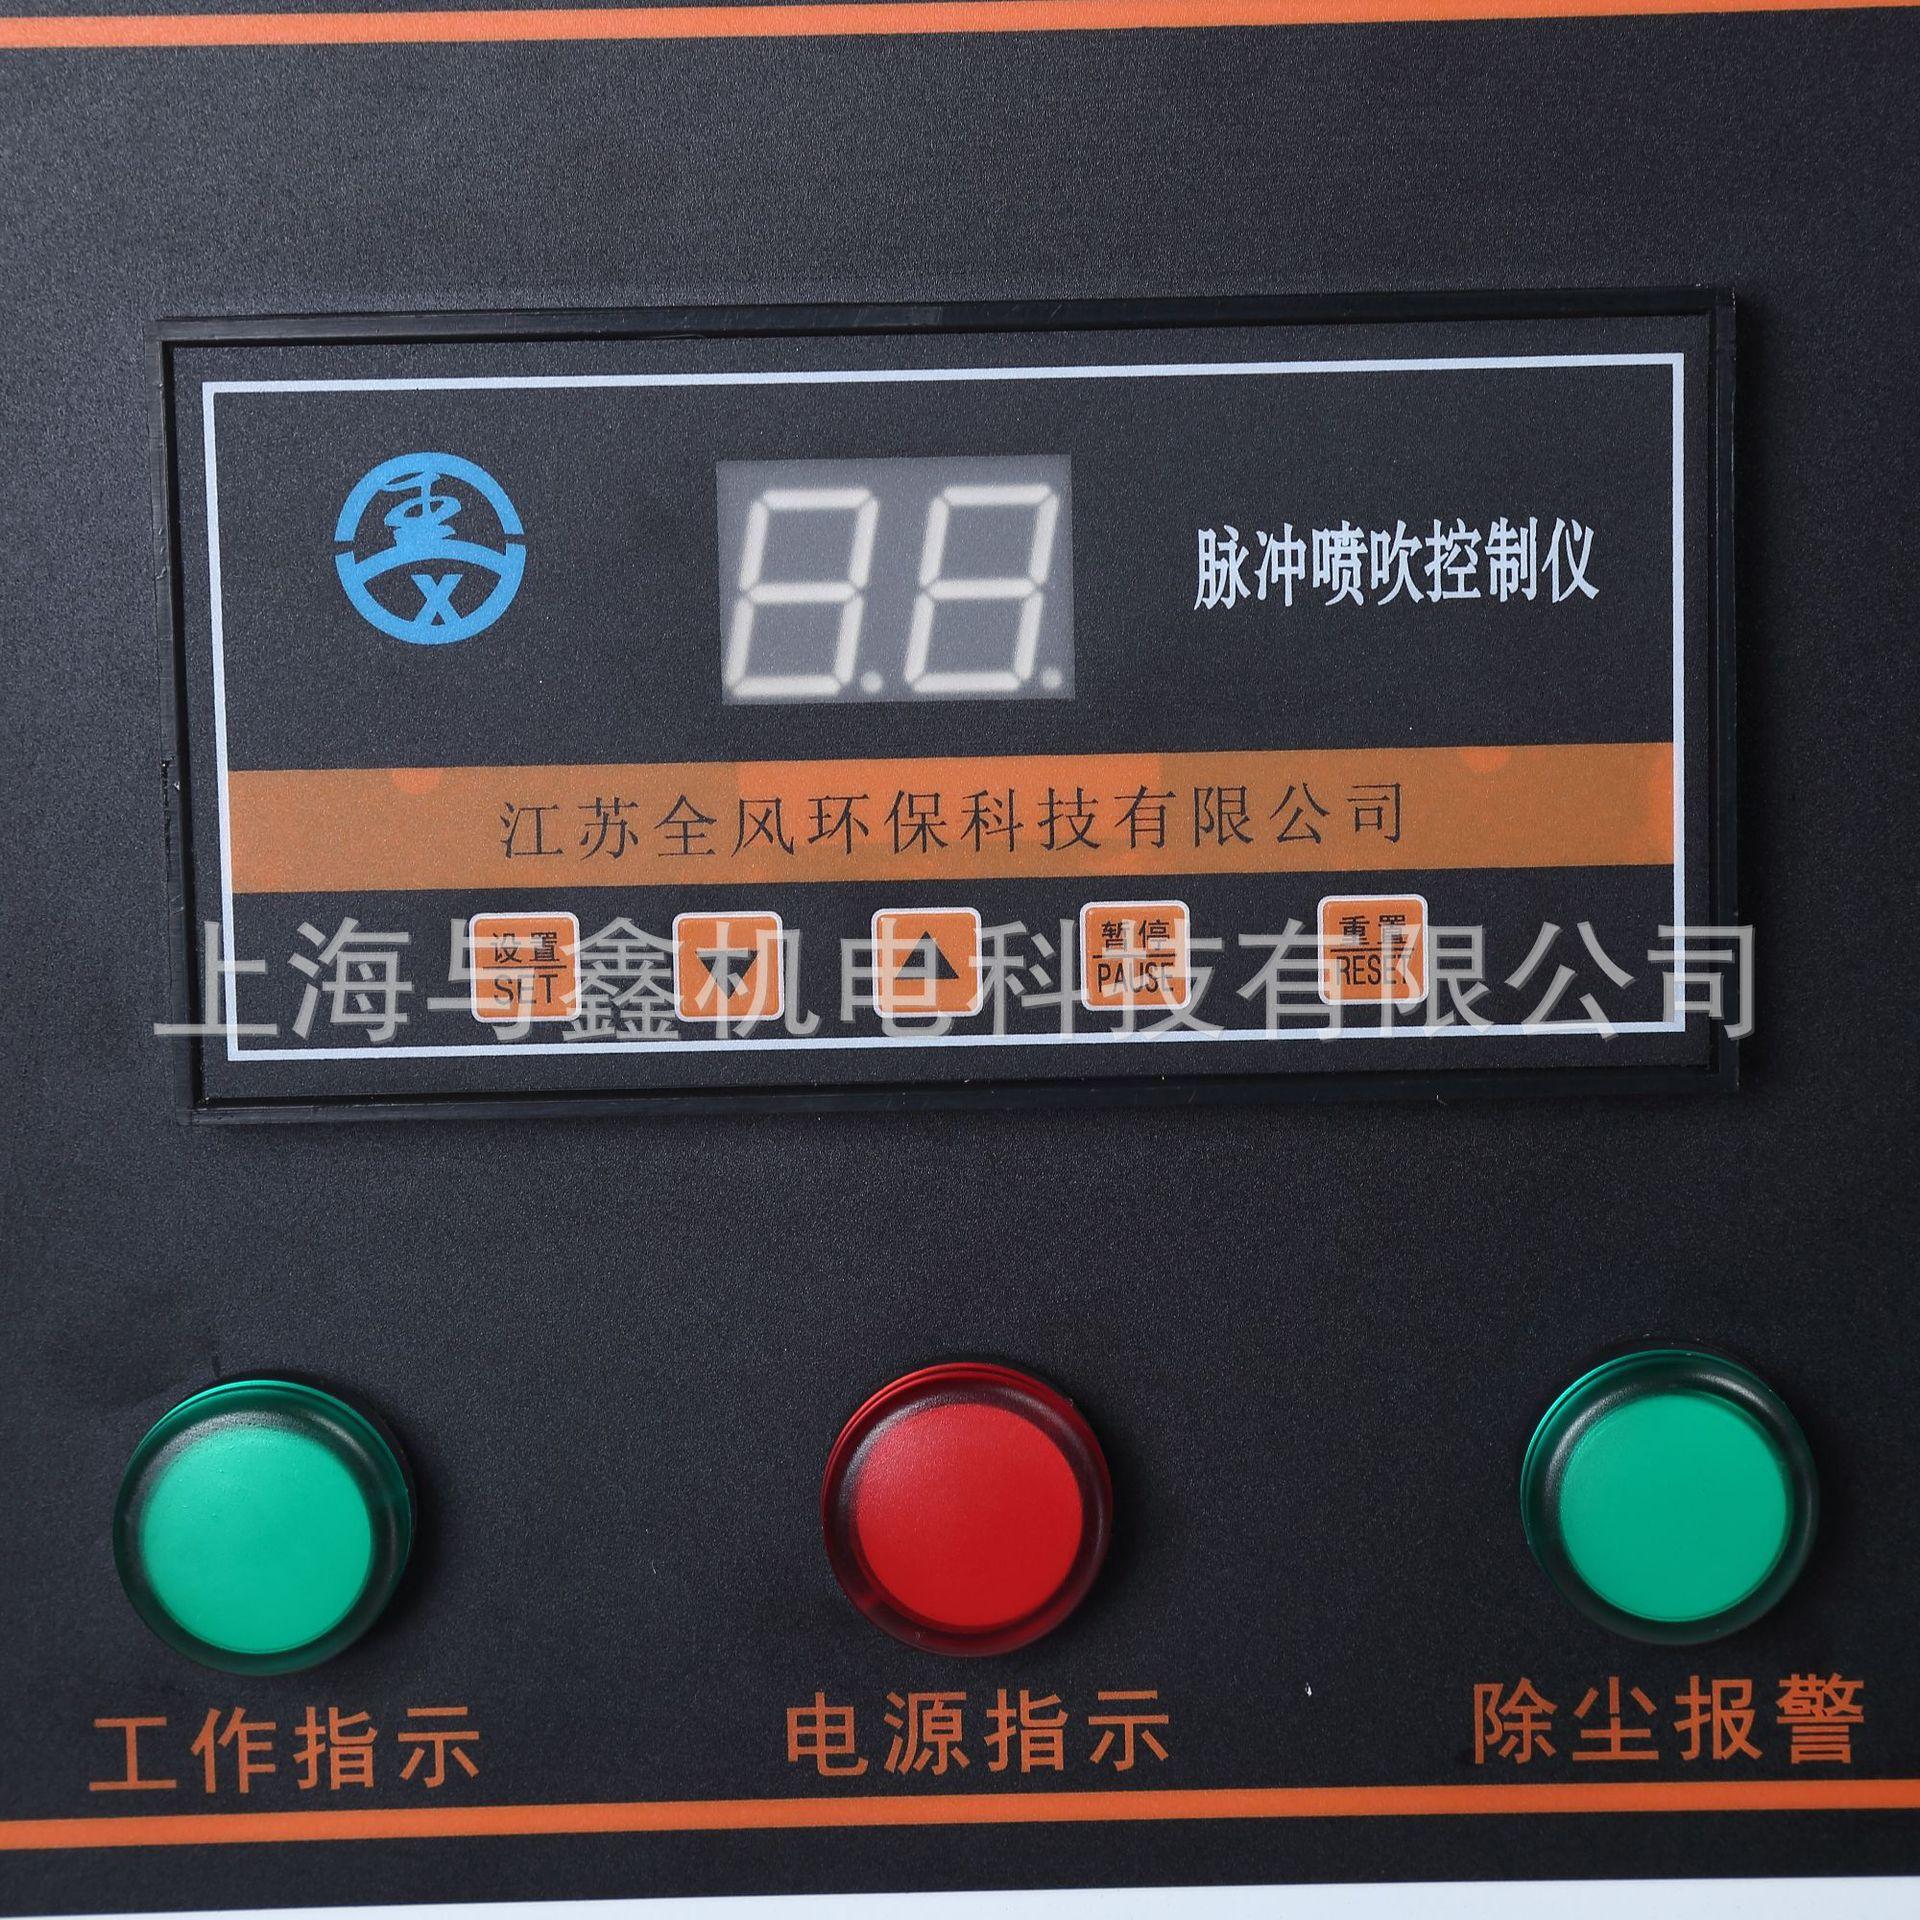 现货直销 磨床吸尘器 移动式抛光除尘器 平面磨床集尘器厂家 大功率磨床吸尘器 移动磨床吸尘器示例图7